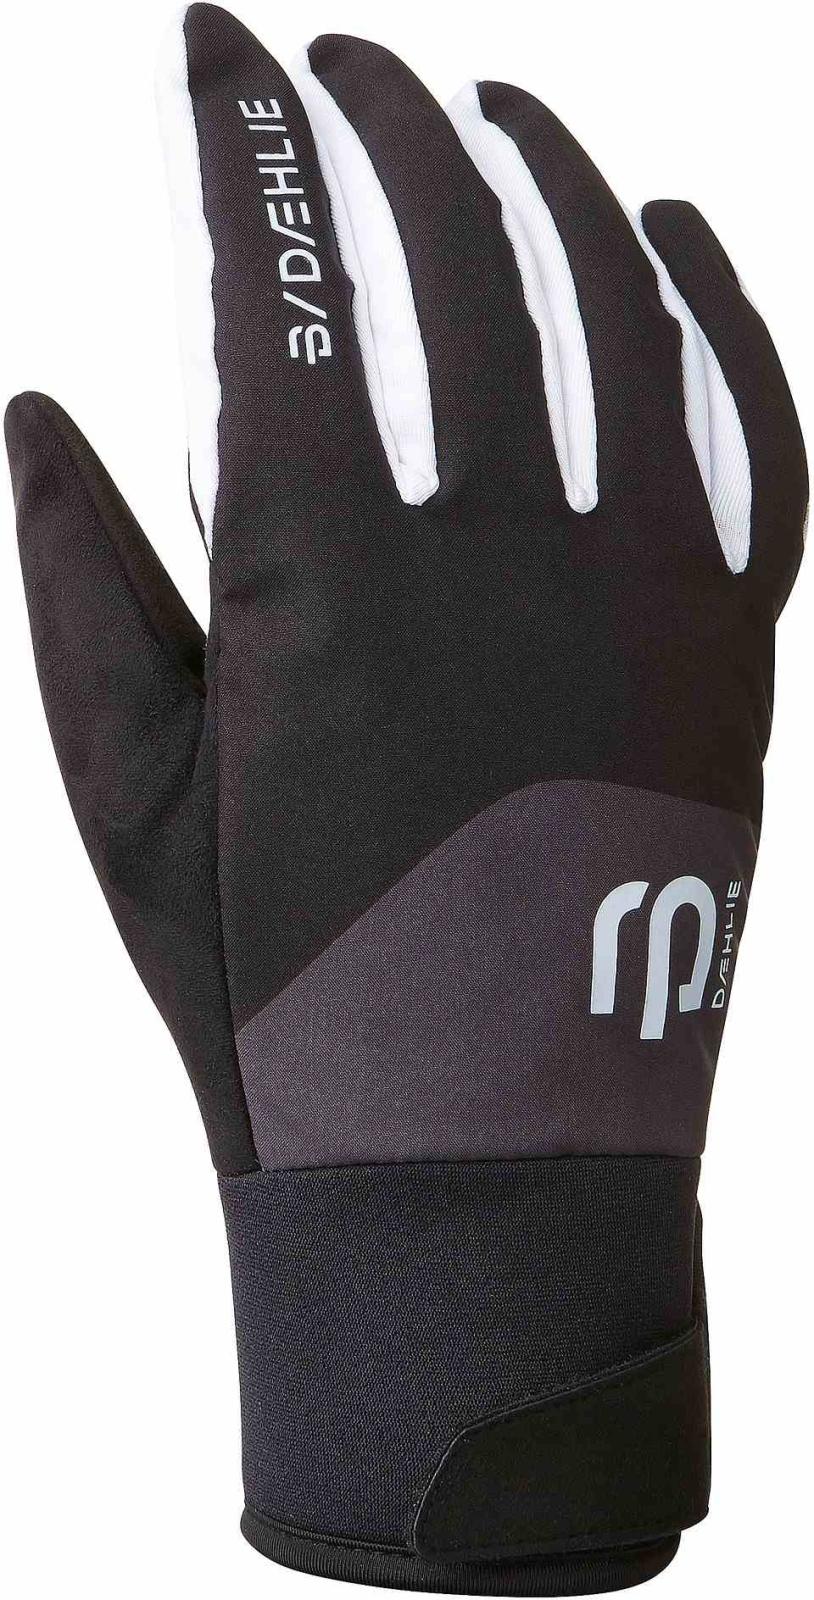 d55f66f2fd8 Běžkařské rukavice Bjorn Daehlie Glove Classic 2.0 - 99900 - Ski a ...